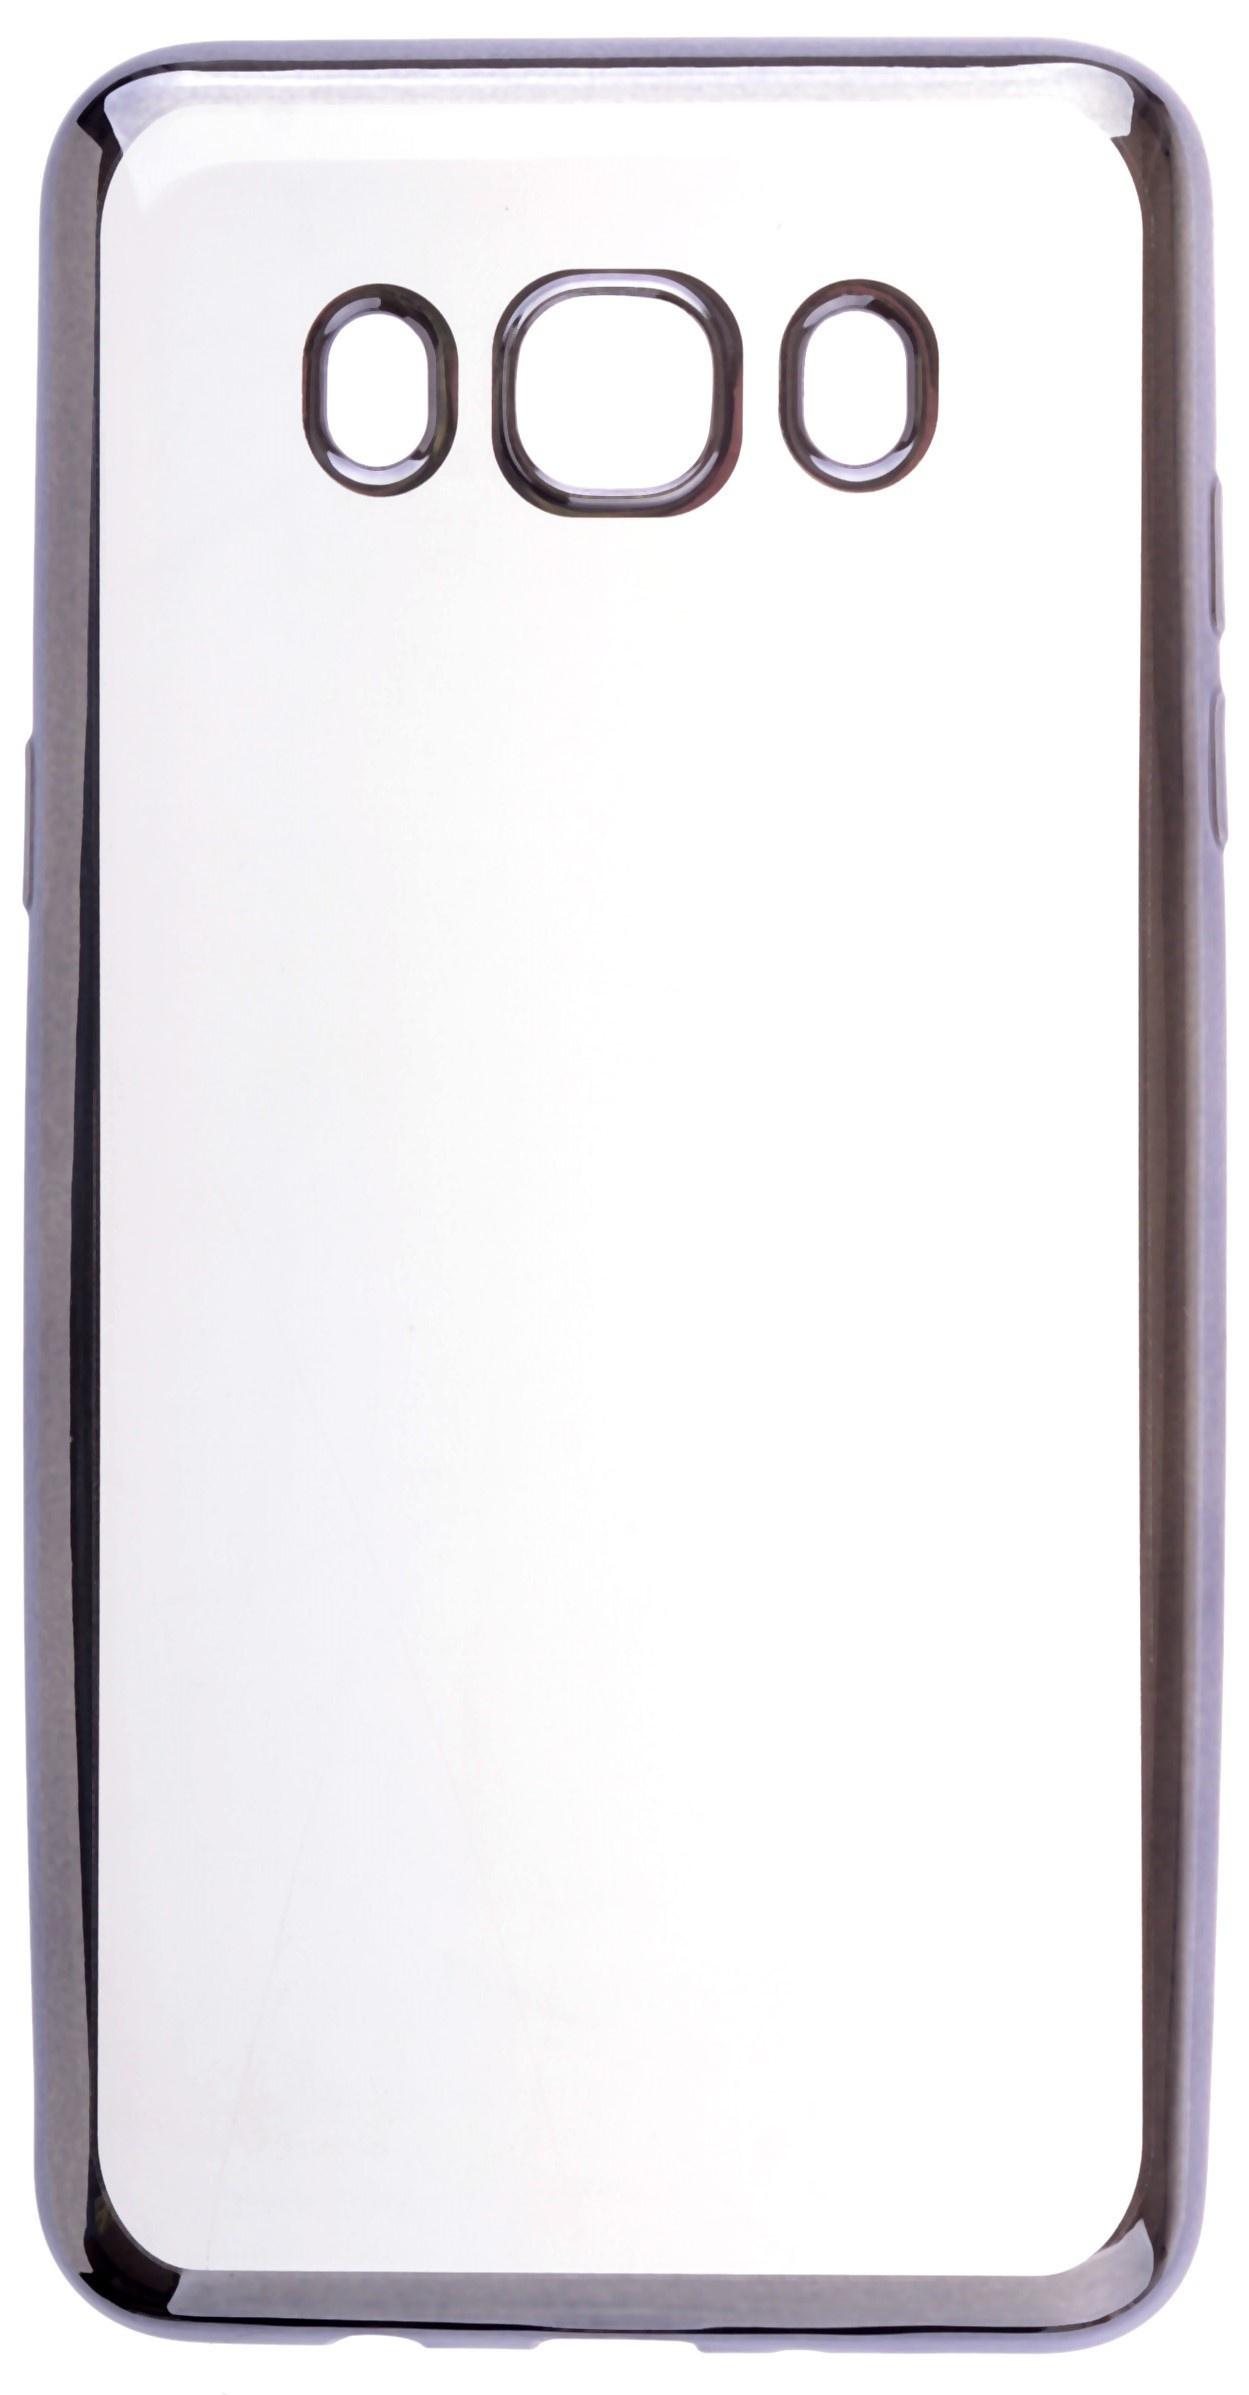 все цены на Чехол для сотового телефона skinBOX Silicone chrome border, 4630042528703 онлайн